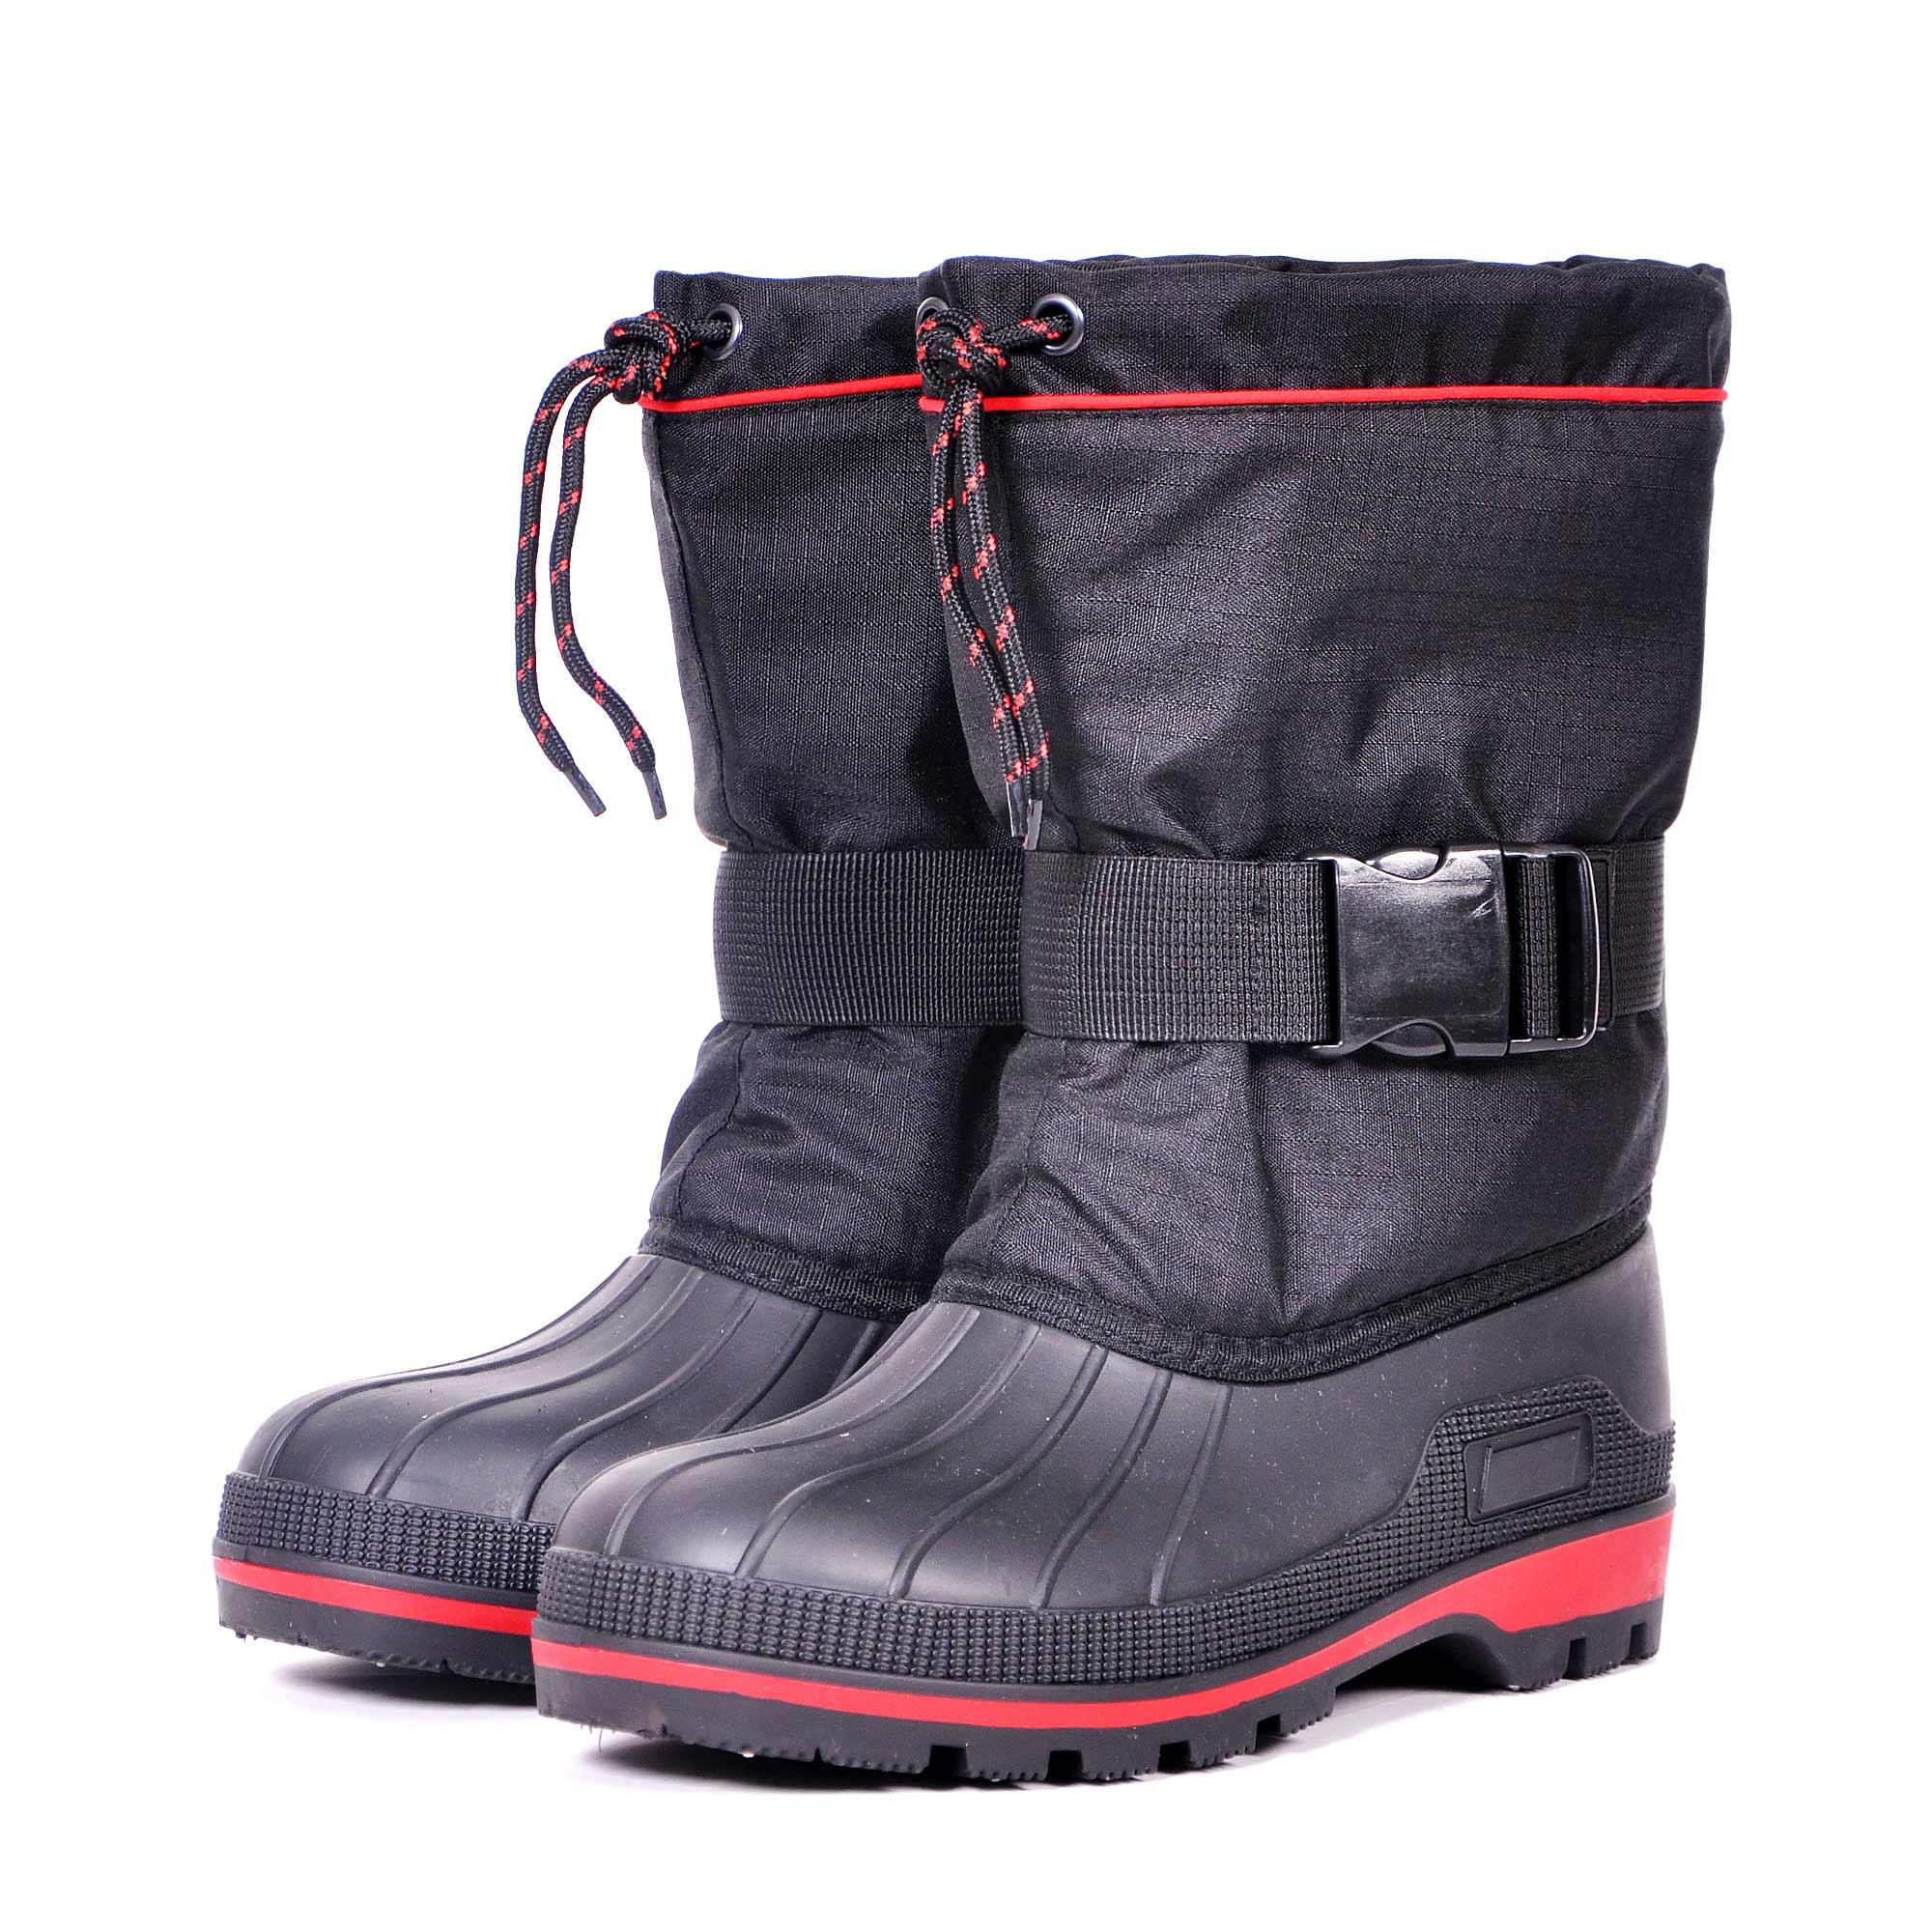 Бахилы для охоты Nordman New Red, на карабине, черные, 46 RU